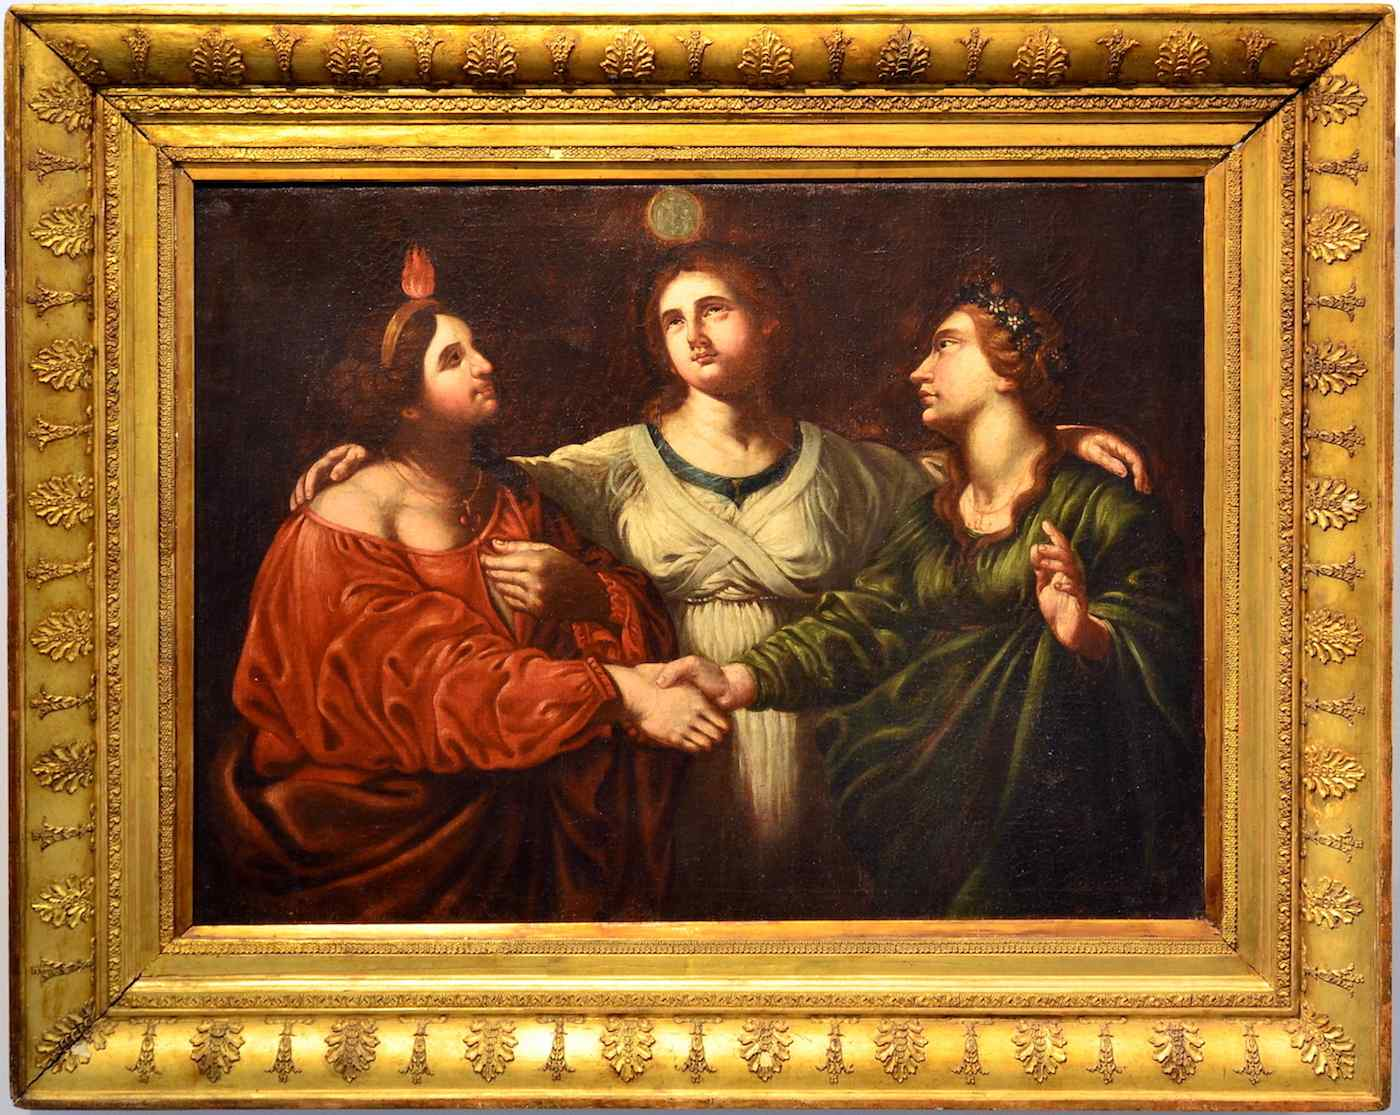 Три теологические добродетели, Antiveduto Gramatica (1571 - 1626)